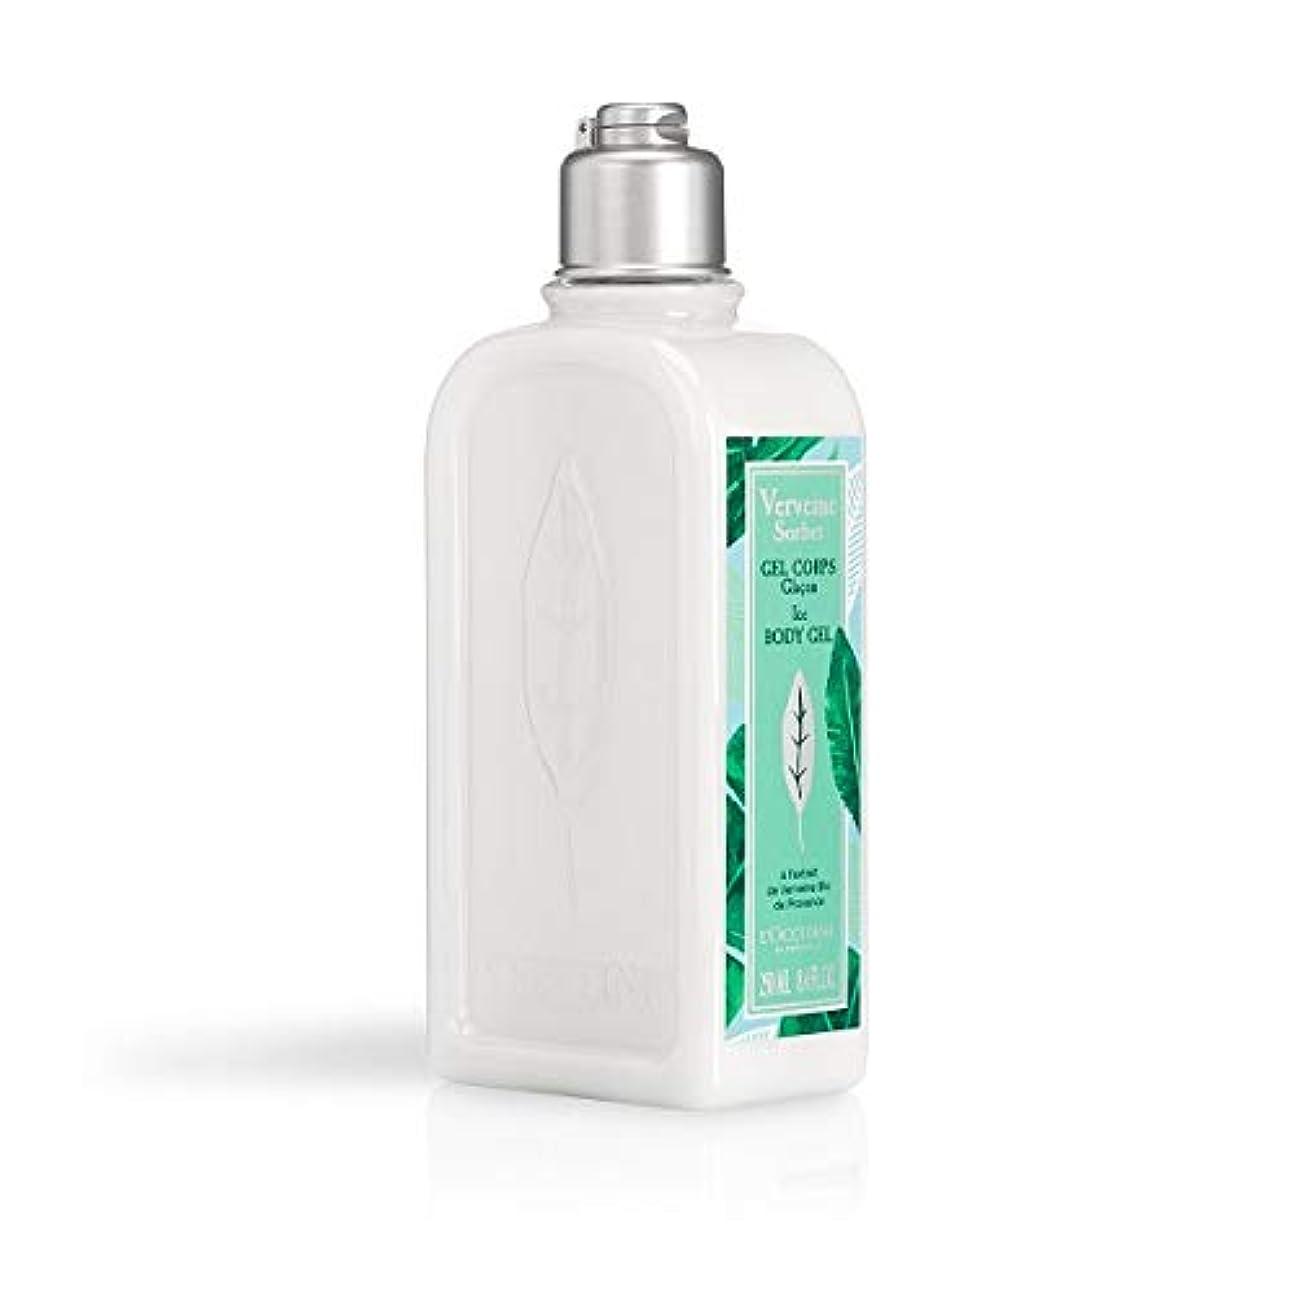 圧縮されたサイレントペンロクシタン(L'OCCITANE) ミントウ゛ァーベナ ソルベボディジェル 250ml(ボディ用乳液)